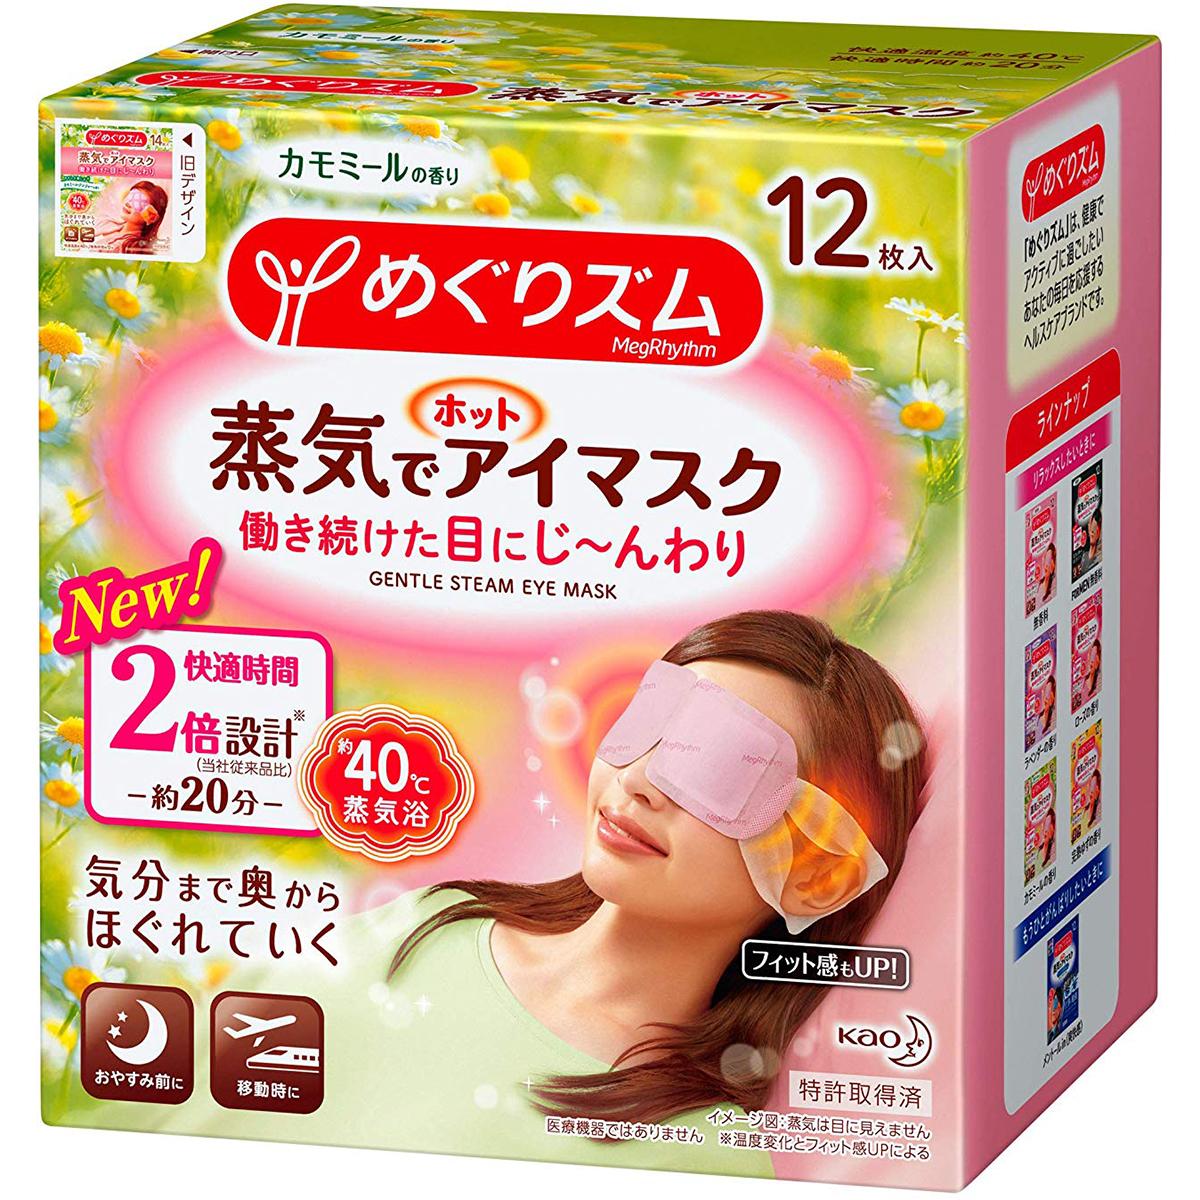 花王  蒸氣眼罩(2倍時效) 洋甘菊 12枚